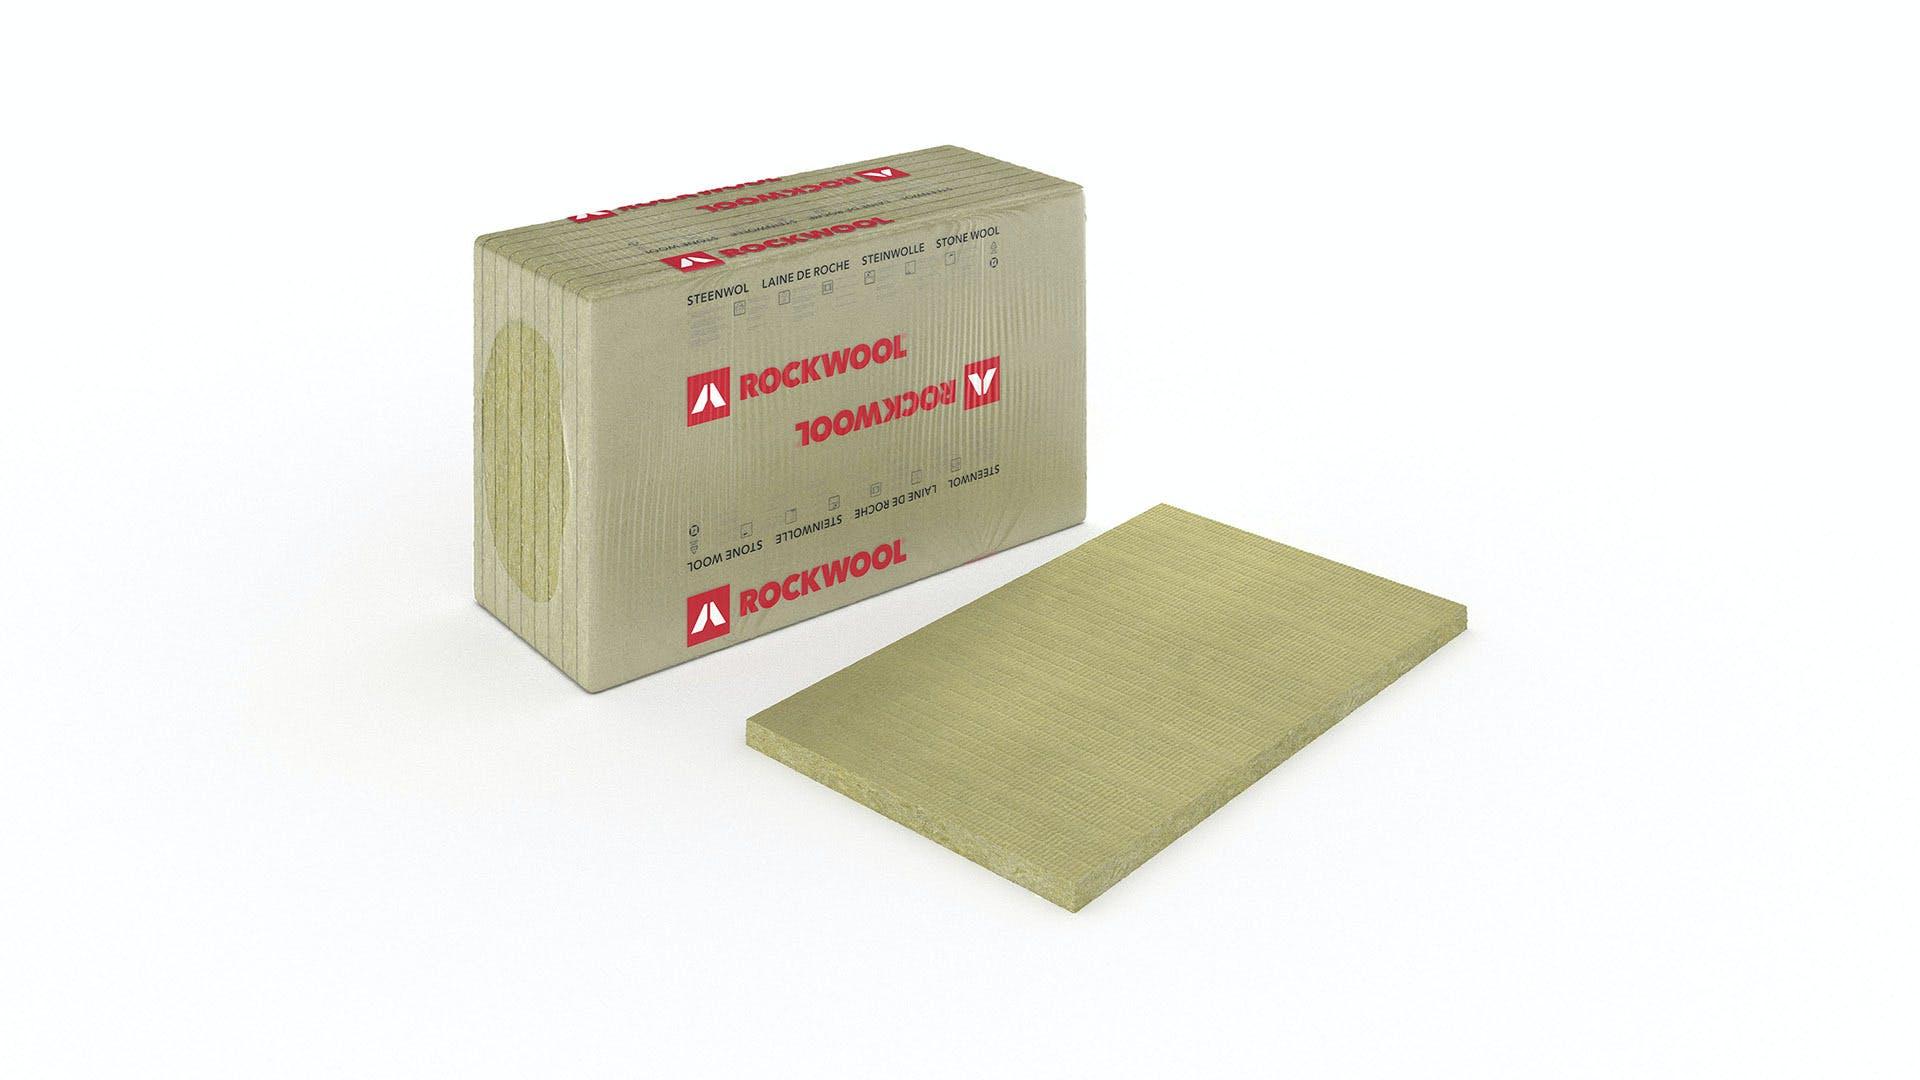 RockSono Extra, GBI, packshot